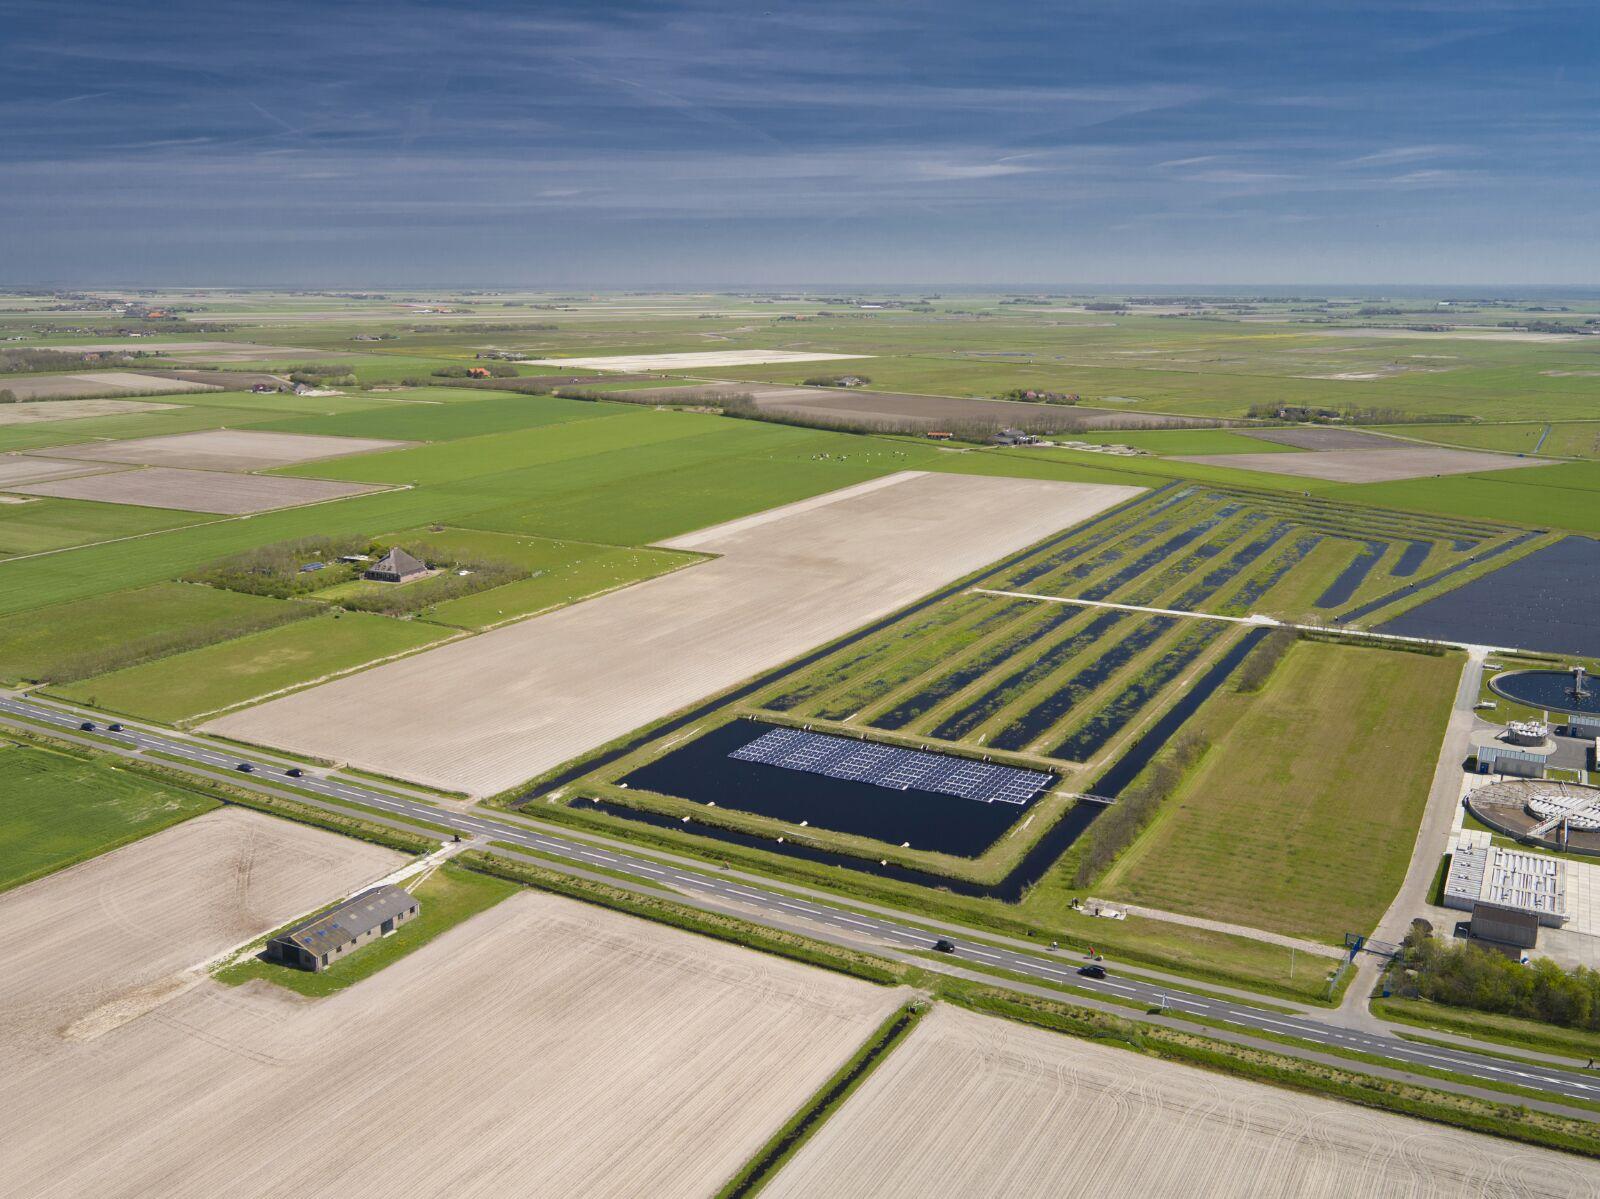 Floating-solar-pv-system-netherlands-nederland-texel-04.jpg